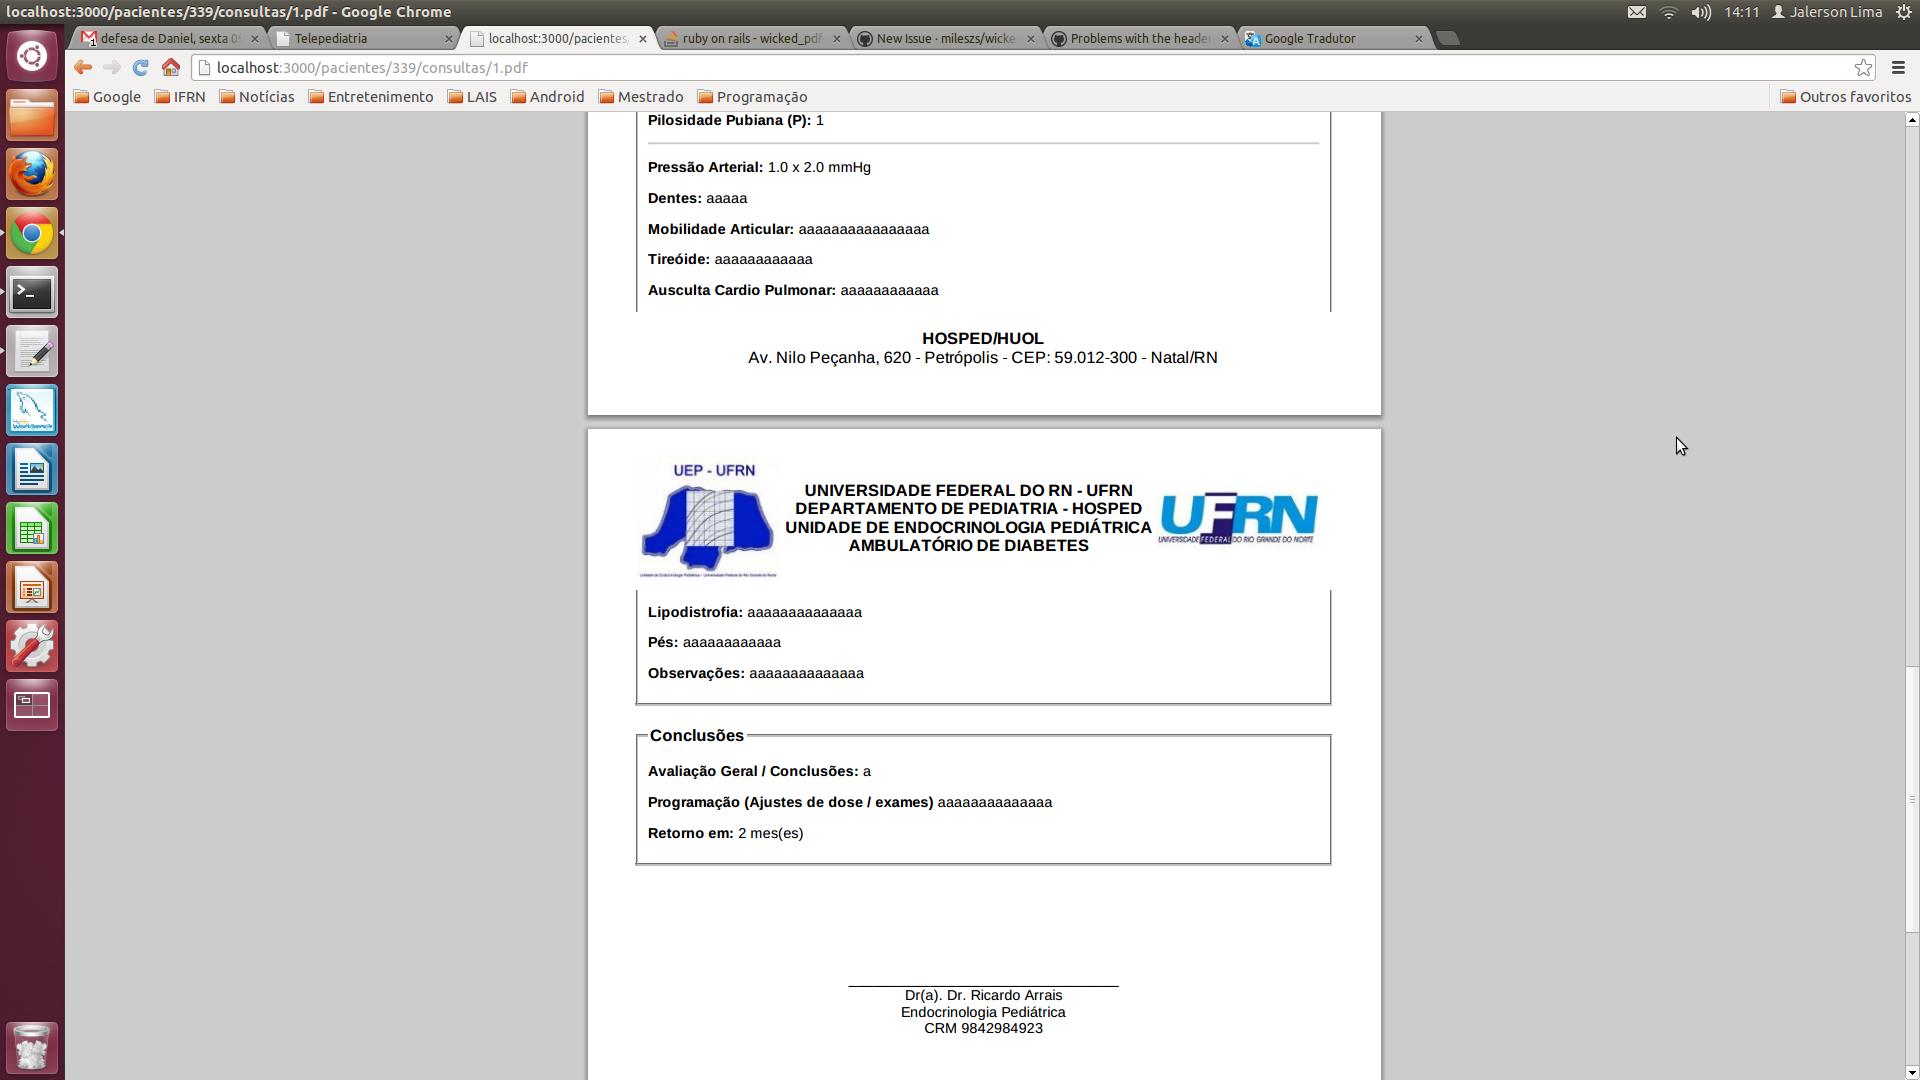 visualforce page render as pdf page break